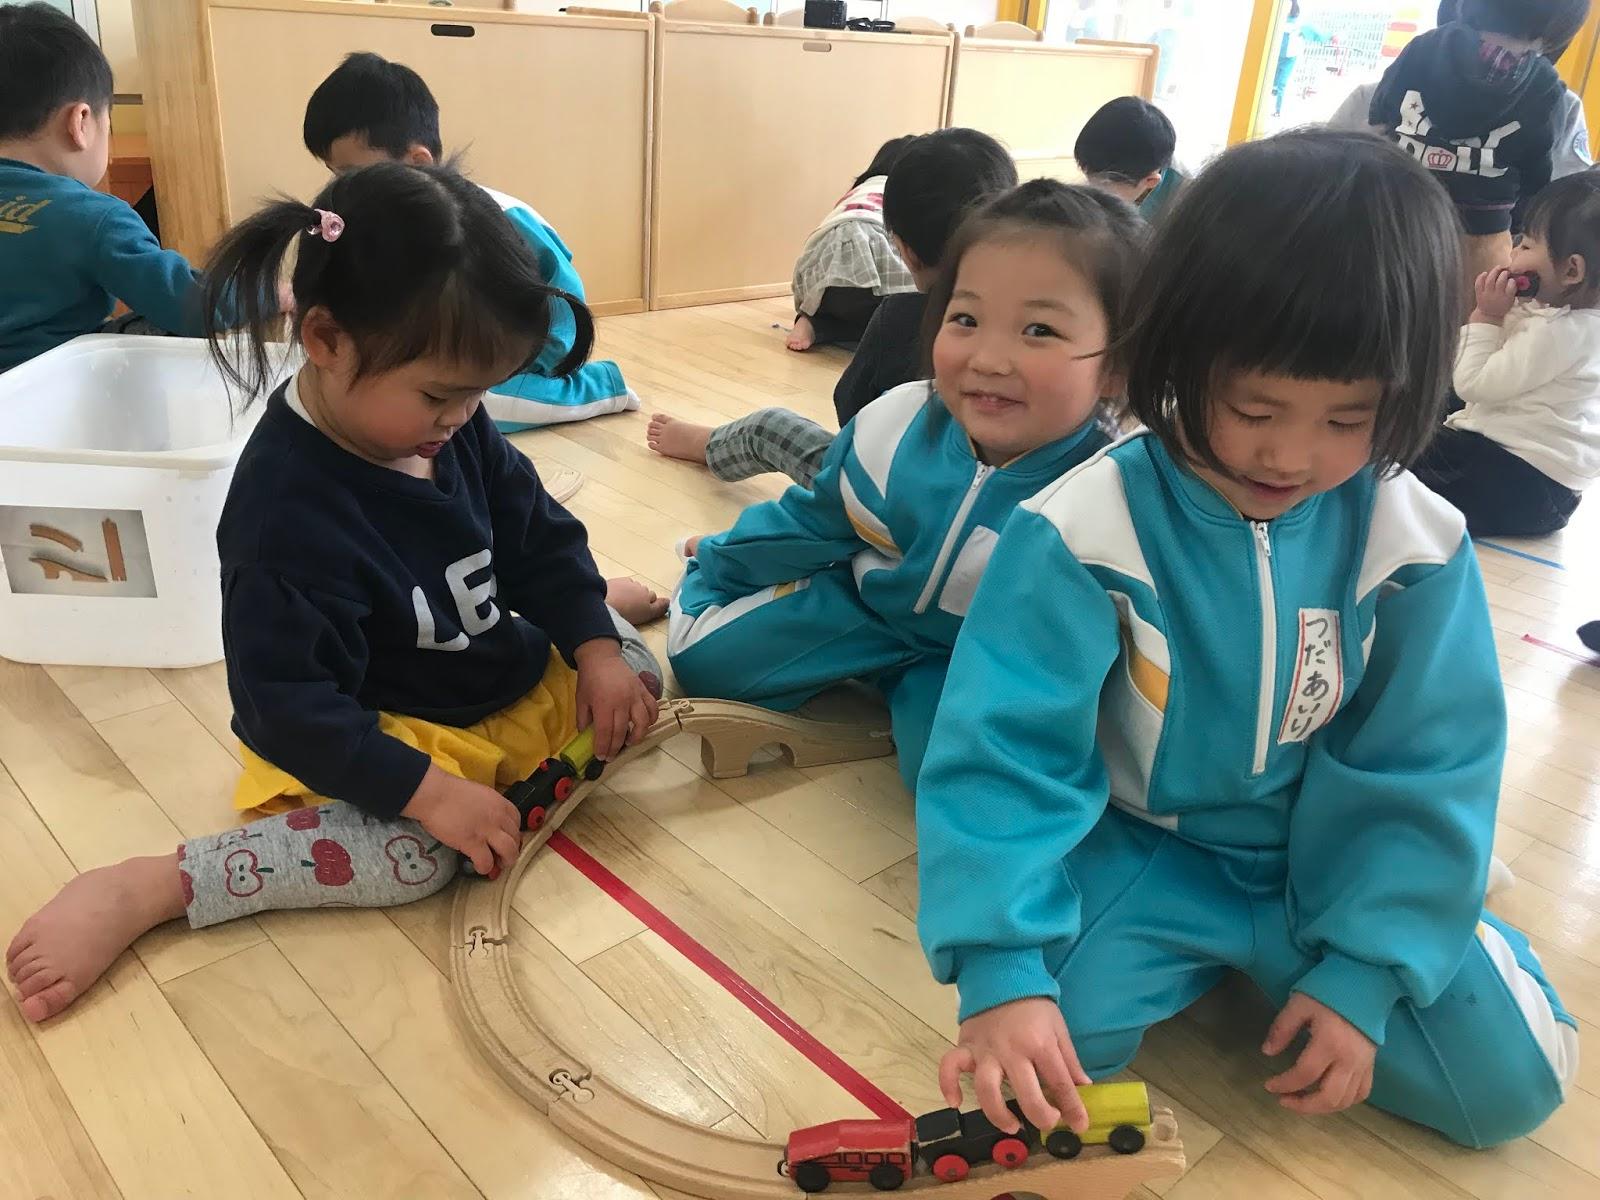 奈良県保育園 香芝市保育園 せいか保育園 のびのびBLOG: りす組☆こあら組さんとダンスをしました!